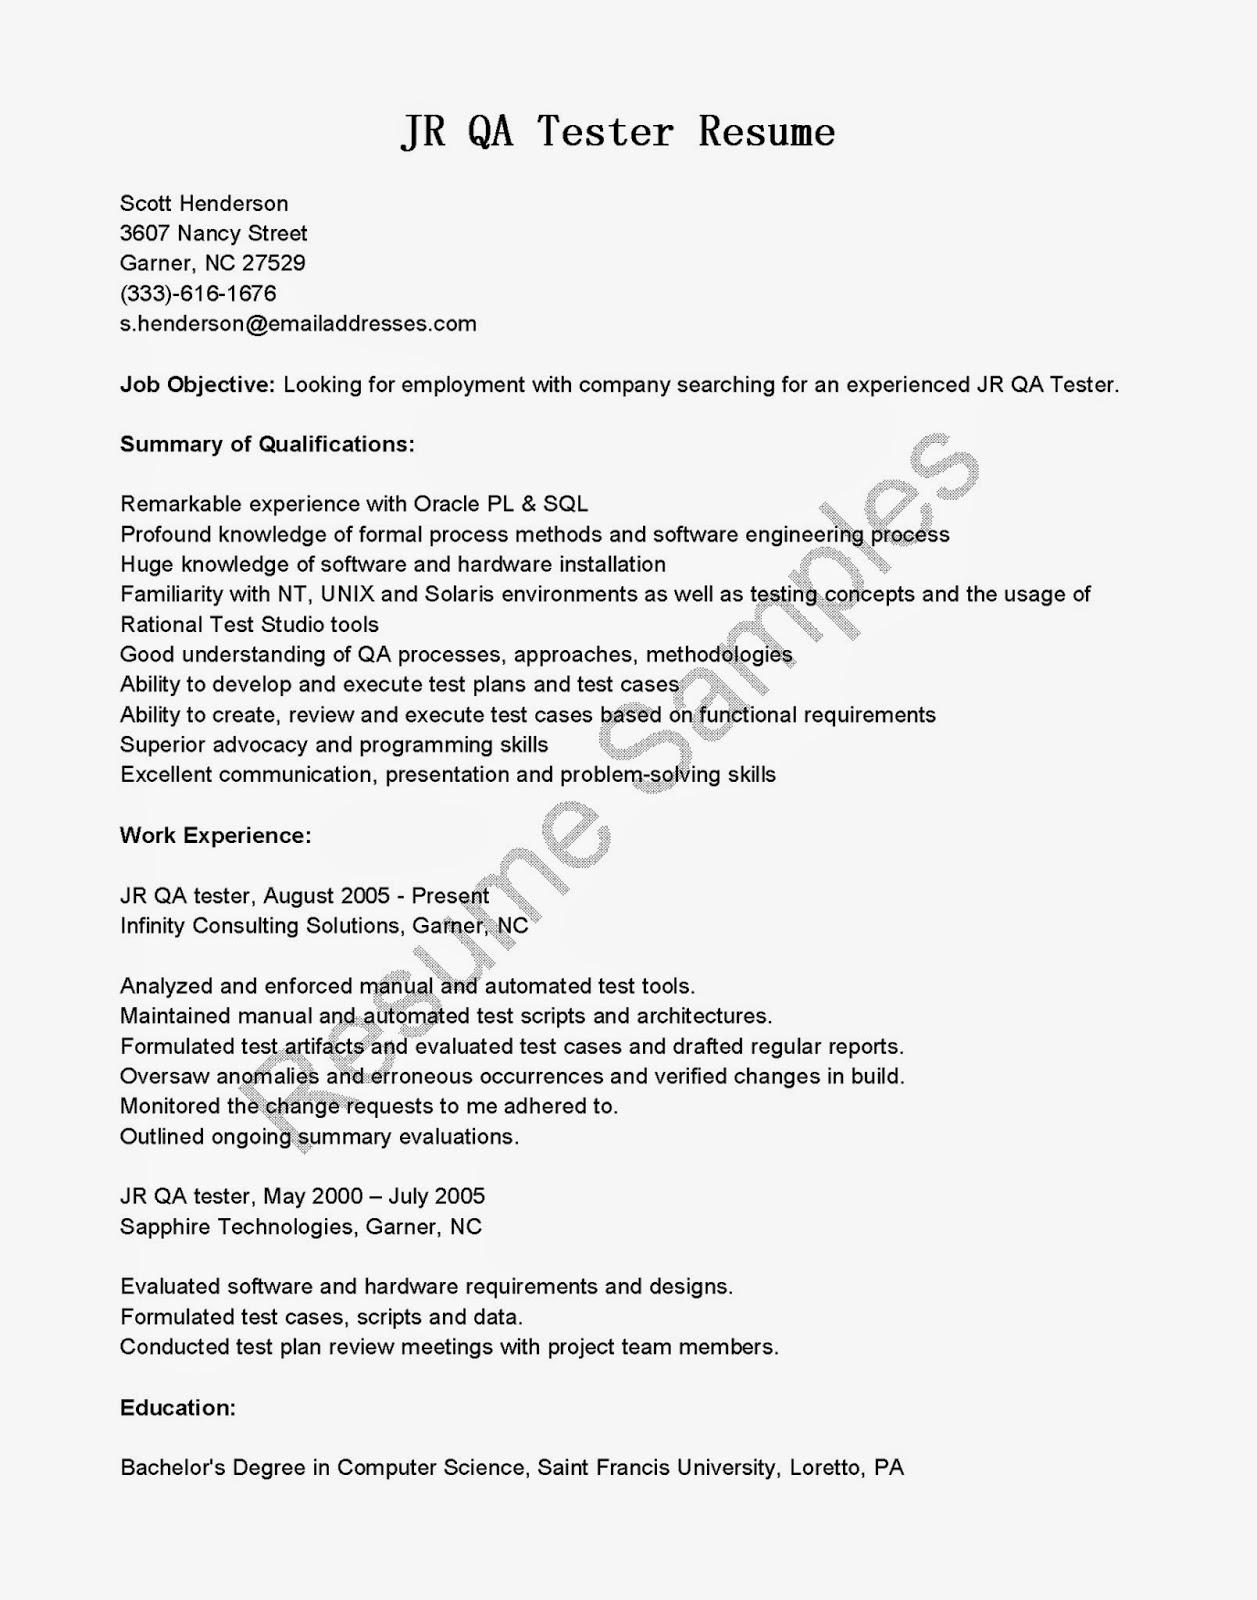 qa tester insurance resume